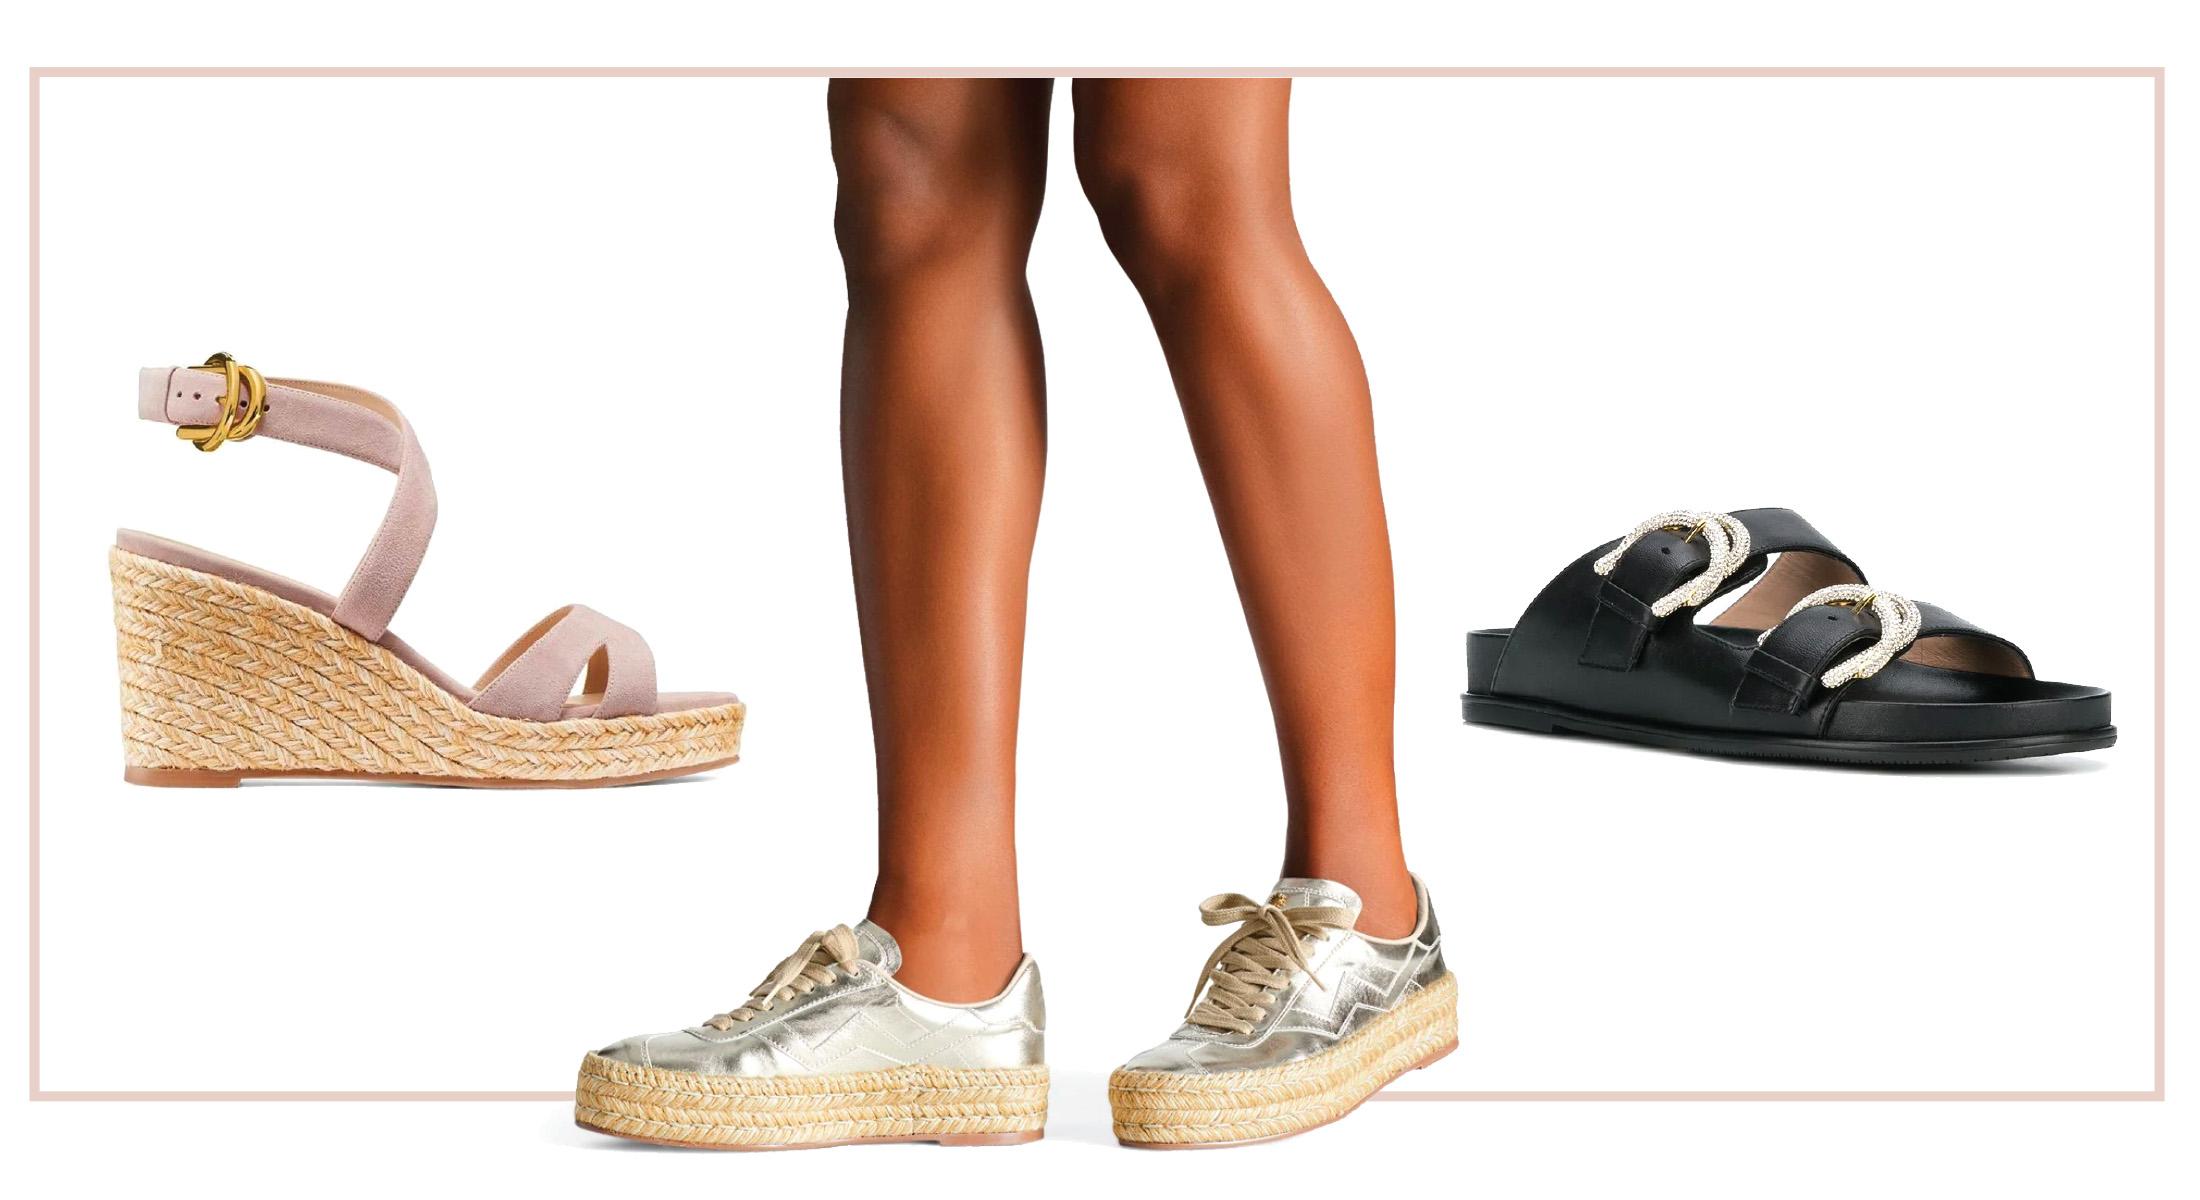 Stuart Weitzman Shoe Love: 12 Swoon